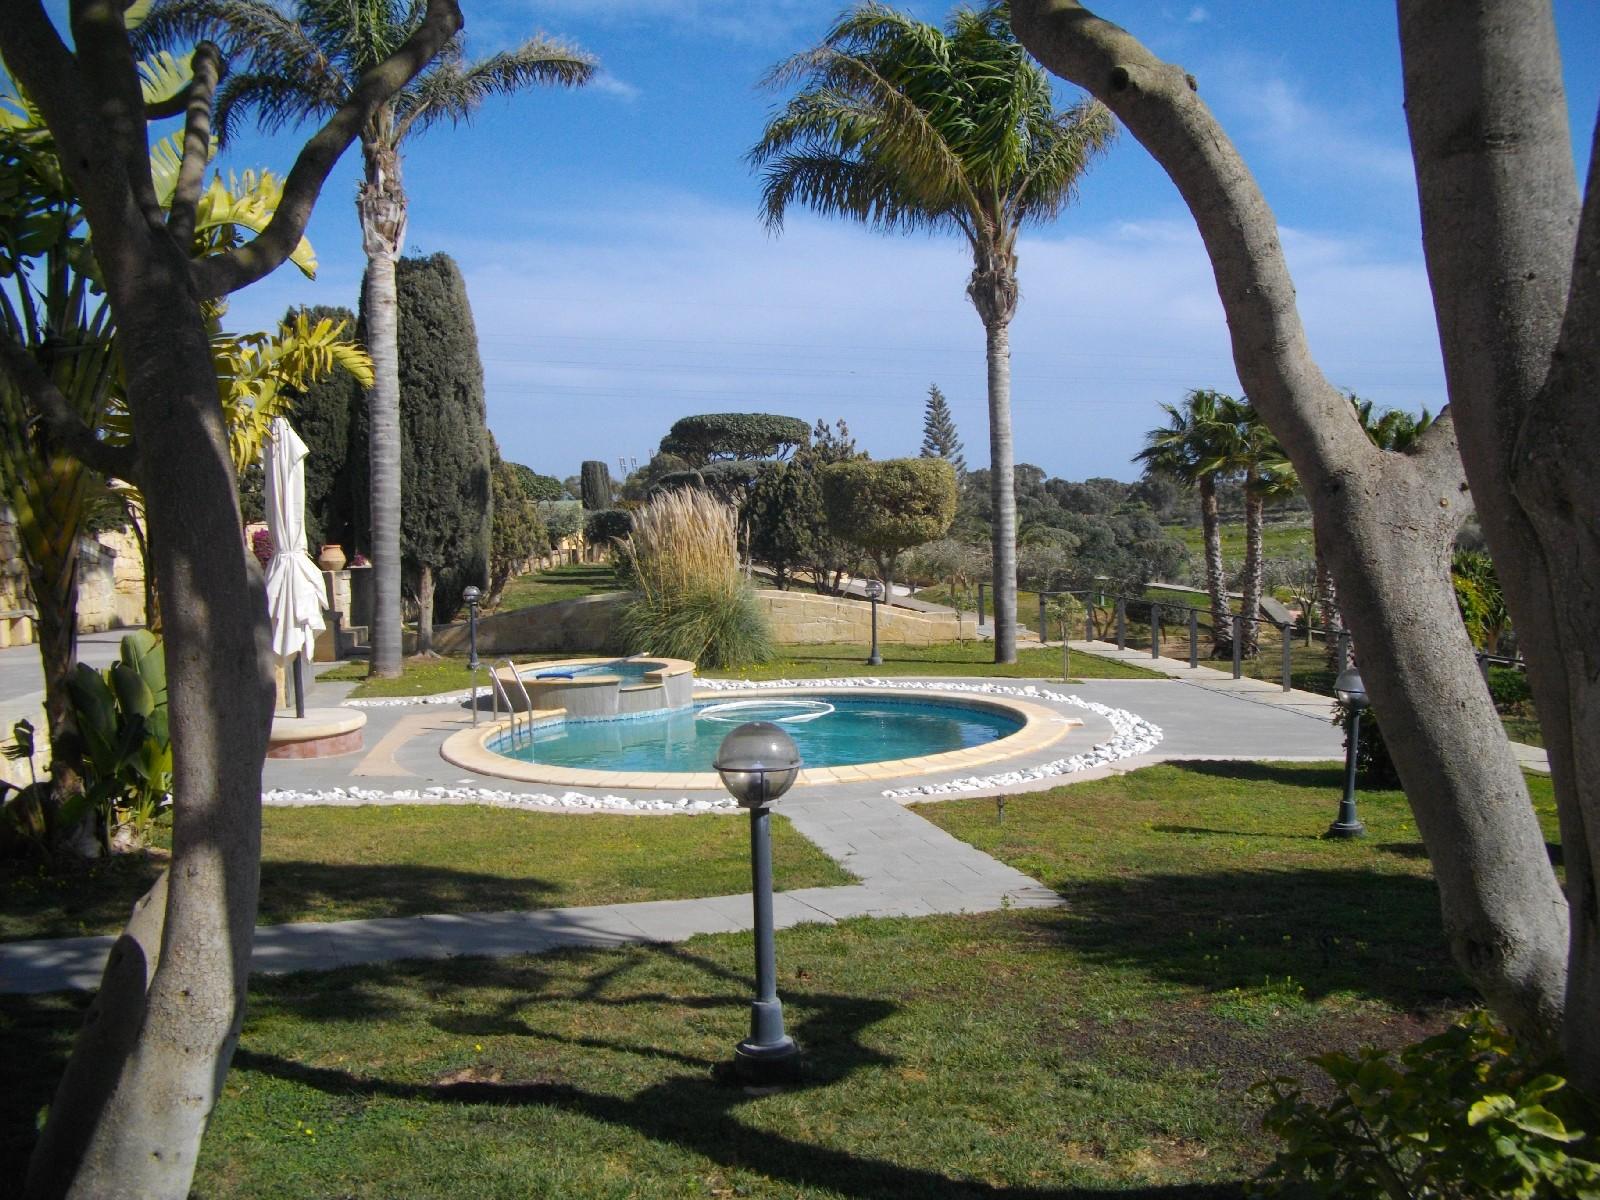 Malta Property for sale in Malta, Birzebbugia